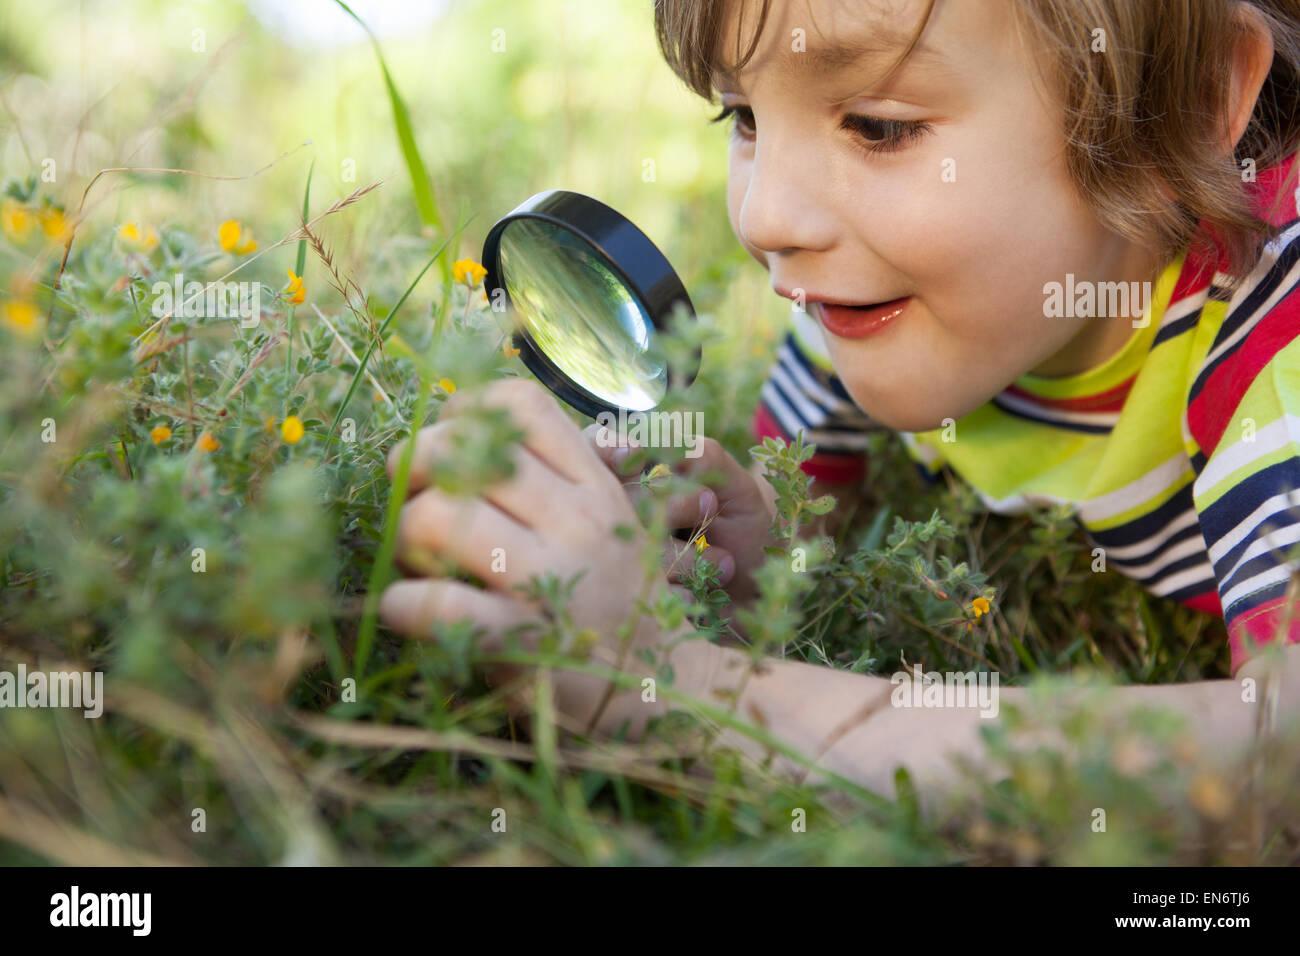 Glückliche kleine Junge Blick durch die Lupe Stockbild